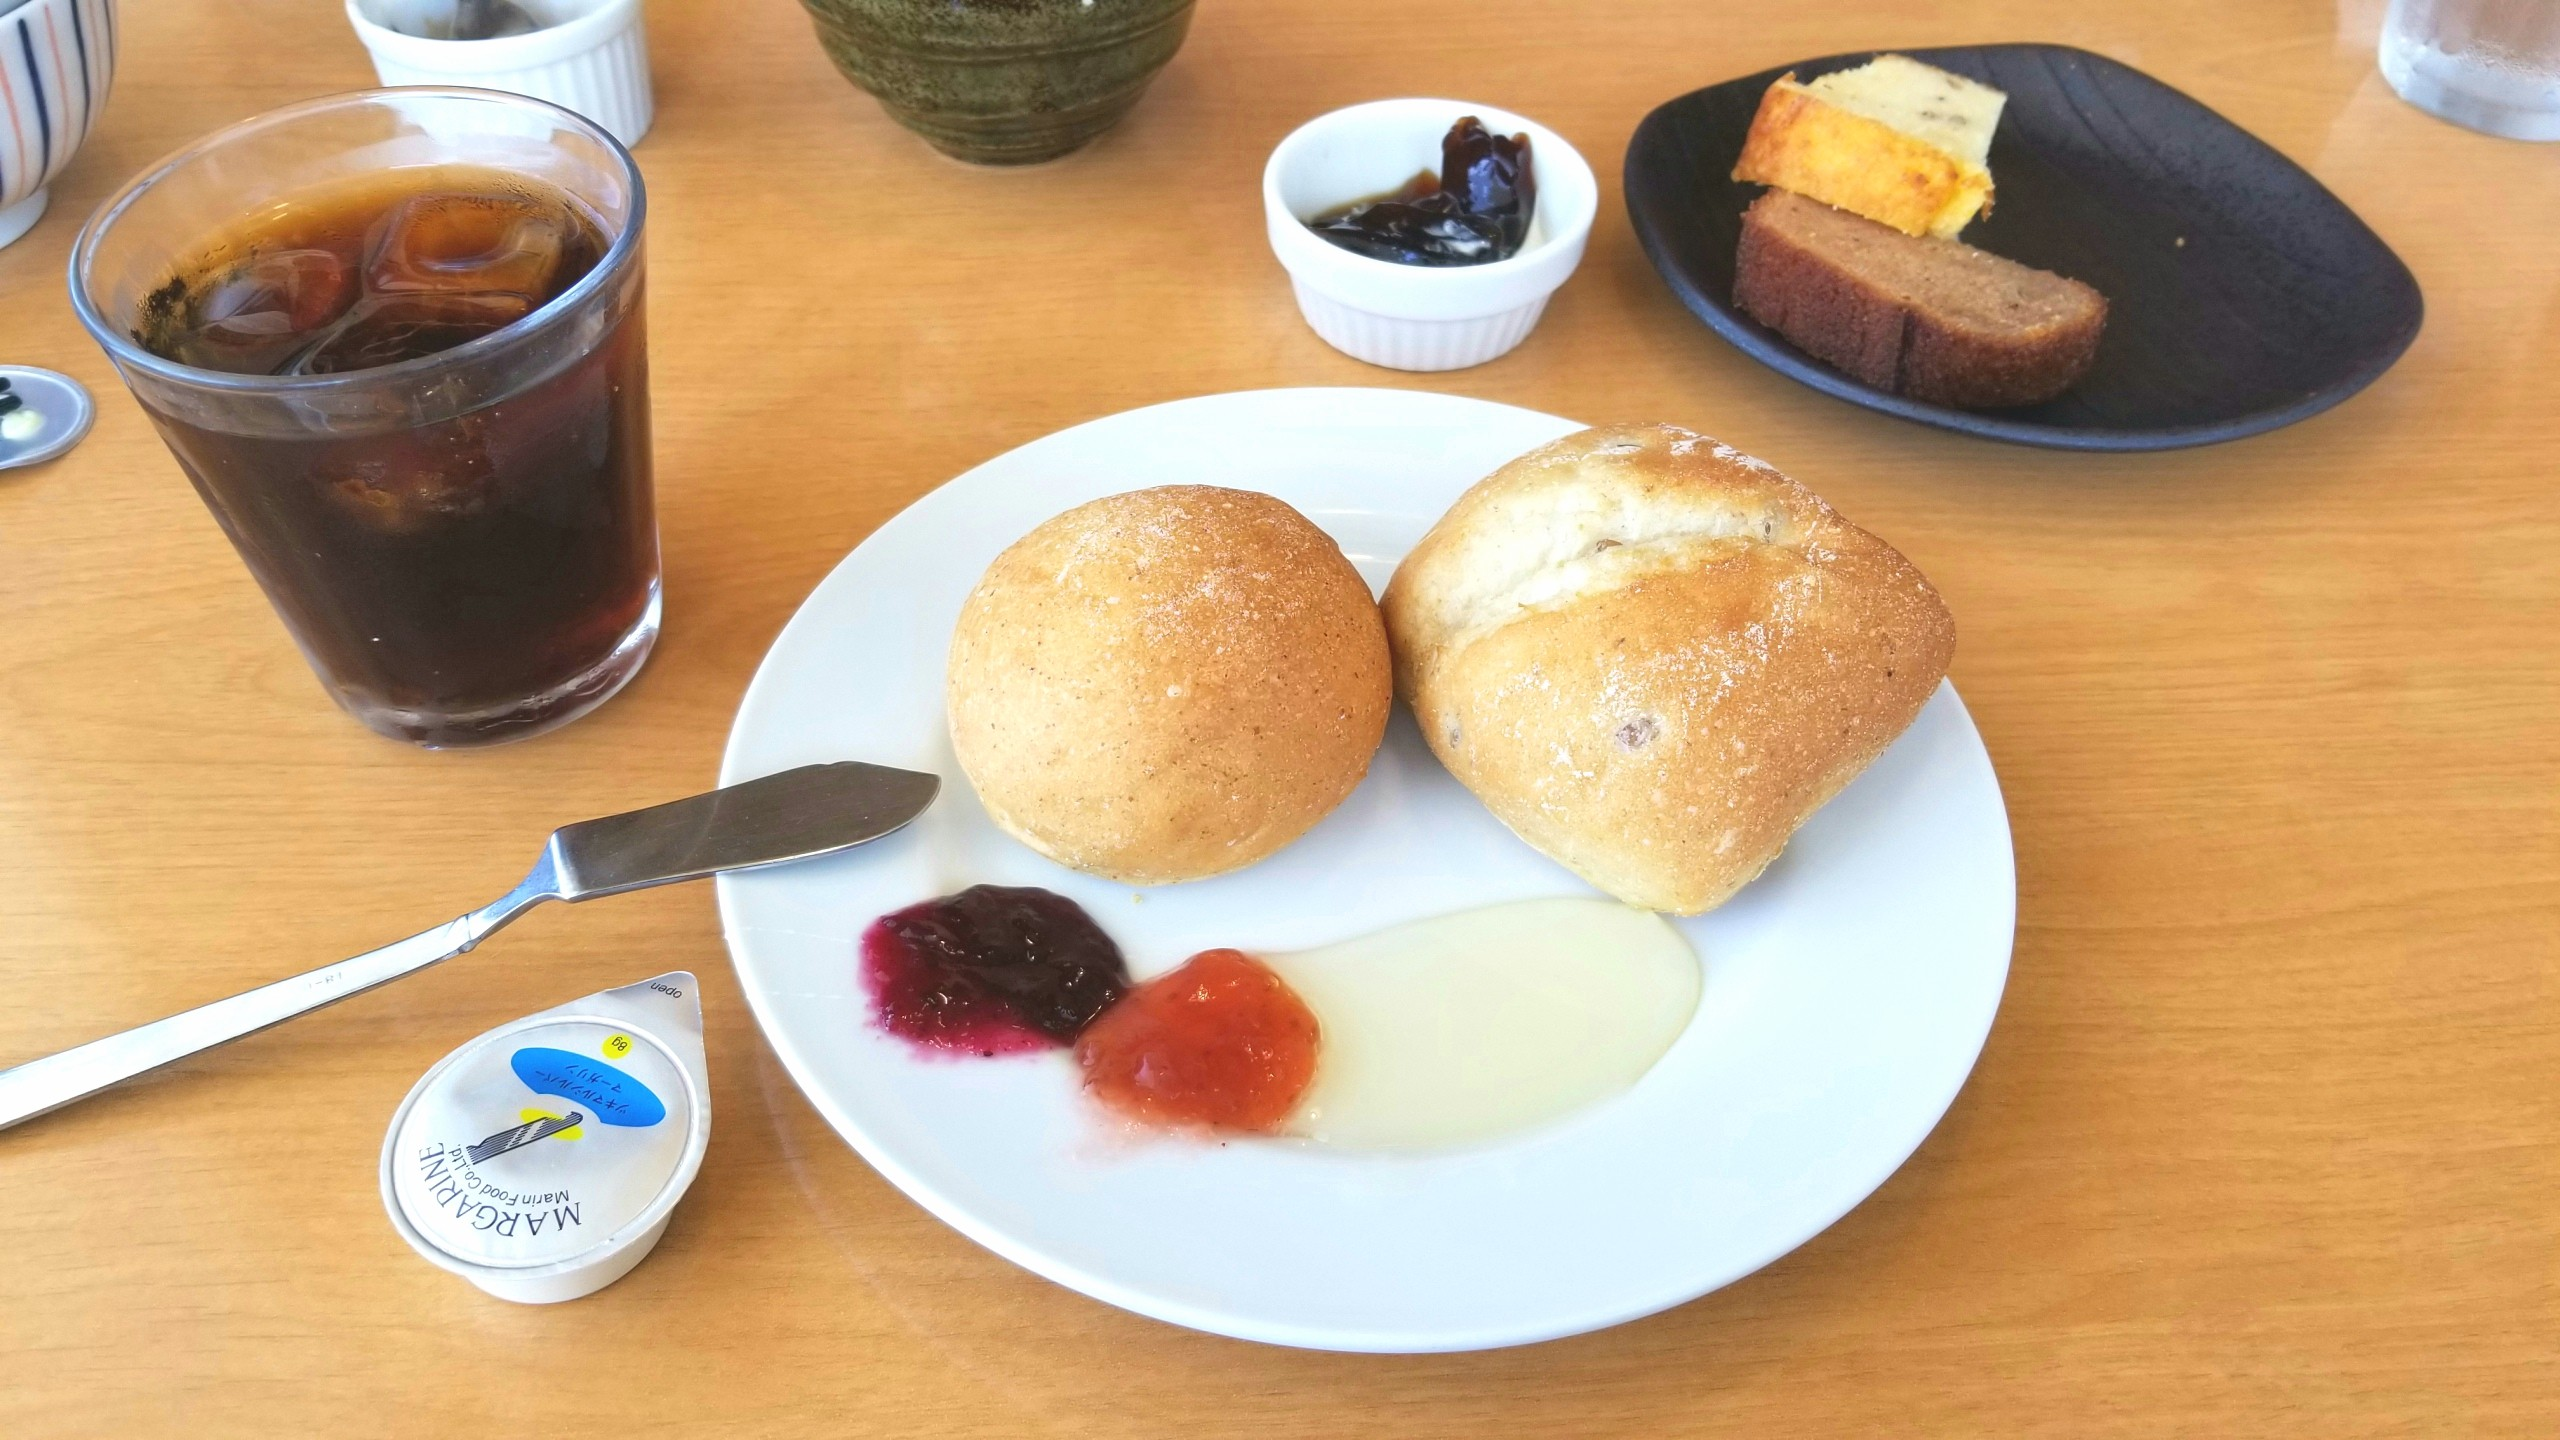 バイキング食べ放題パン和食おしゃれ美味しいおすすめ人気ビュッフェ